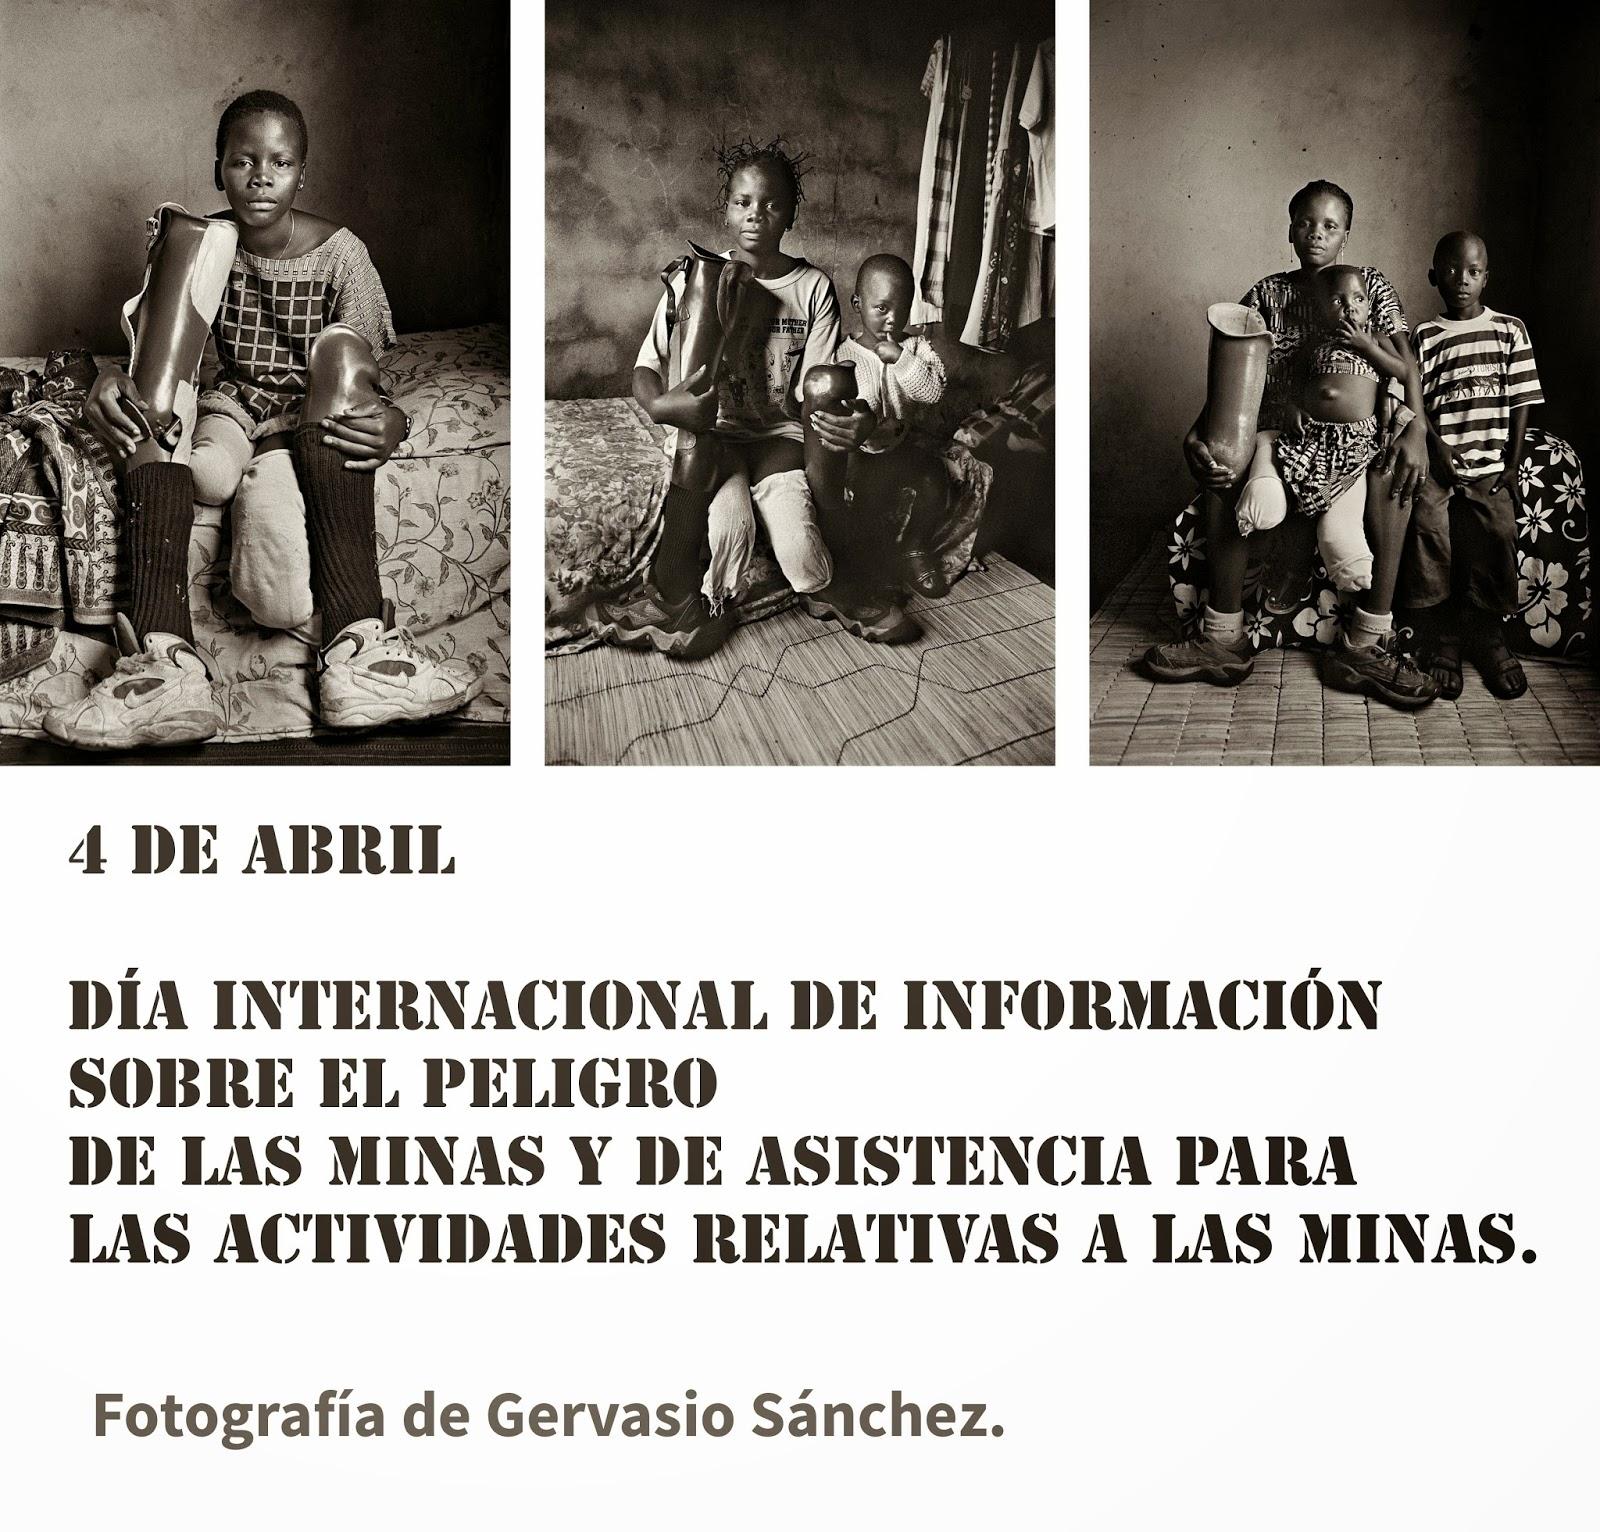 Fotografía de Gervasio Sánchez de niños con las piernas mutiladas por las minas antipersonales.